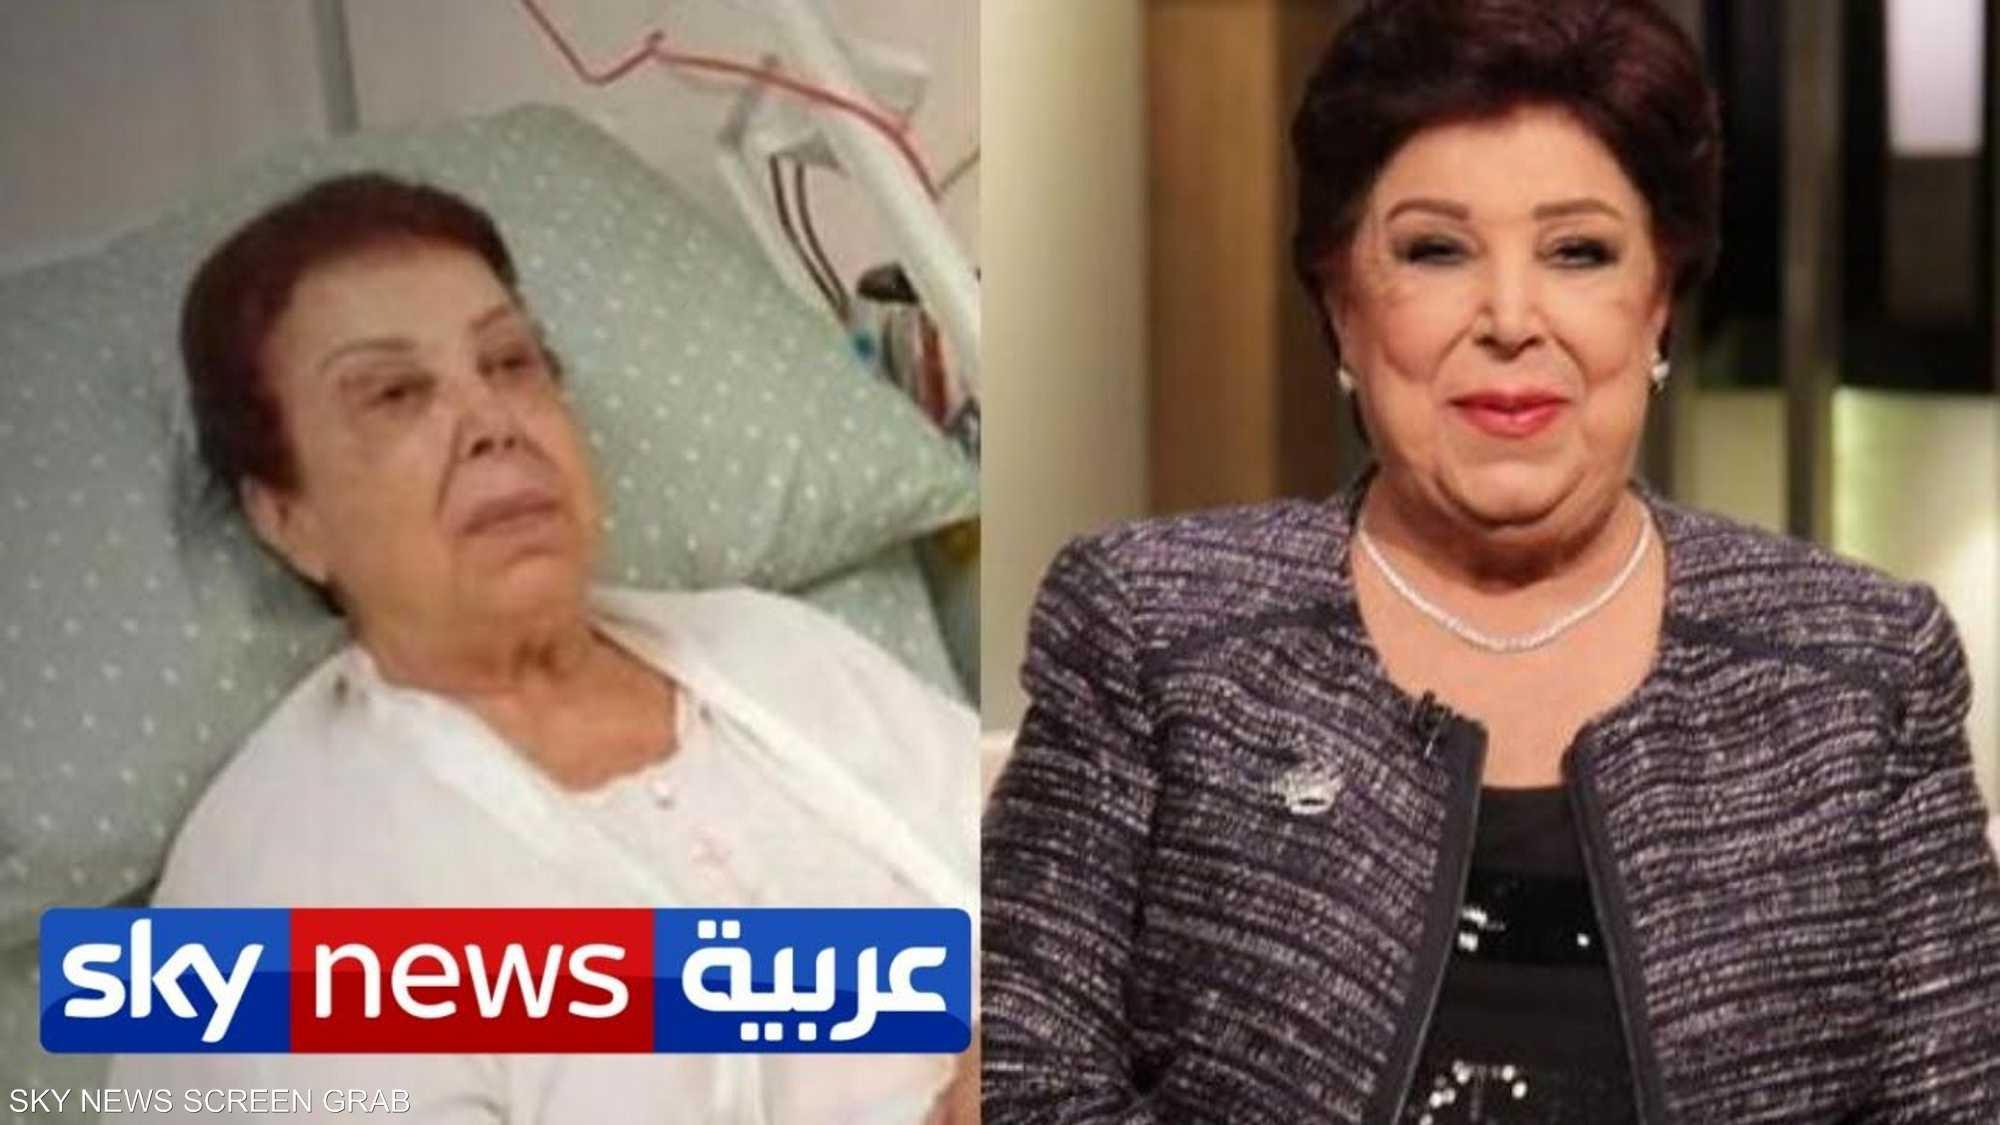 رسالة صوتية من رجاء الجداوي لجمهورها من غرفة العزل